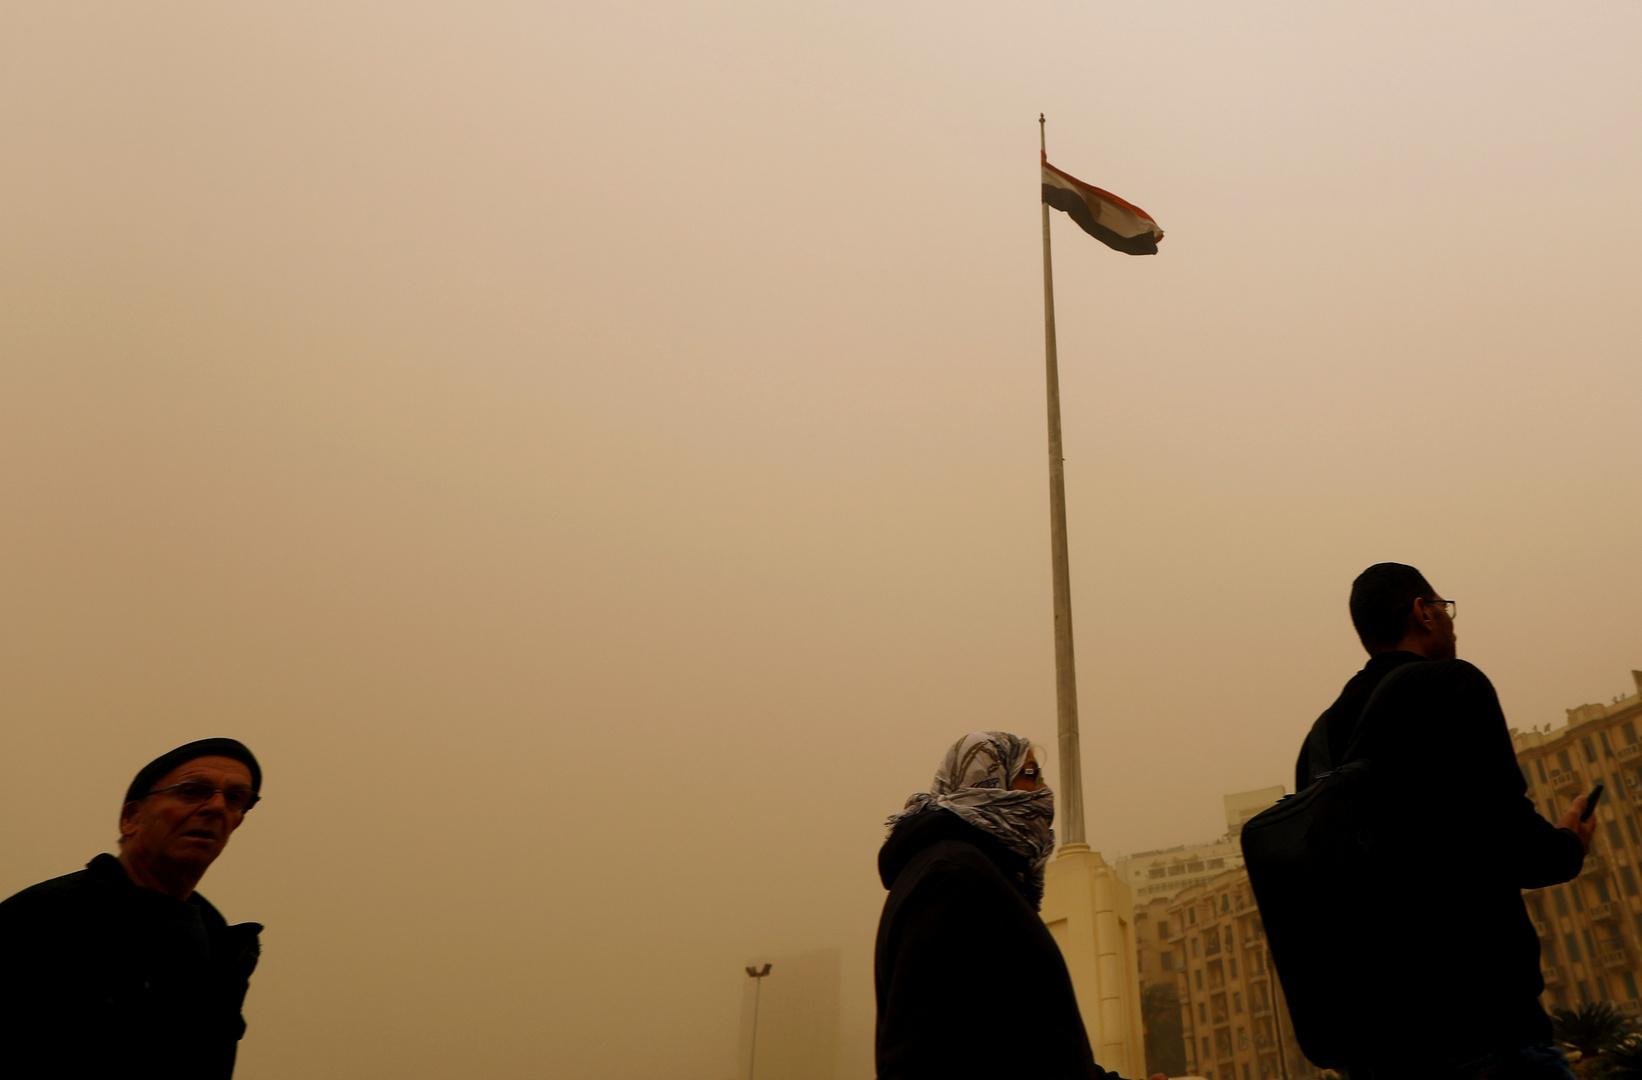 مصر.. السلطات تحذر من اضطرابات جوية شديدة -